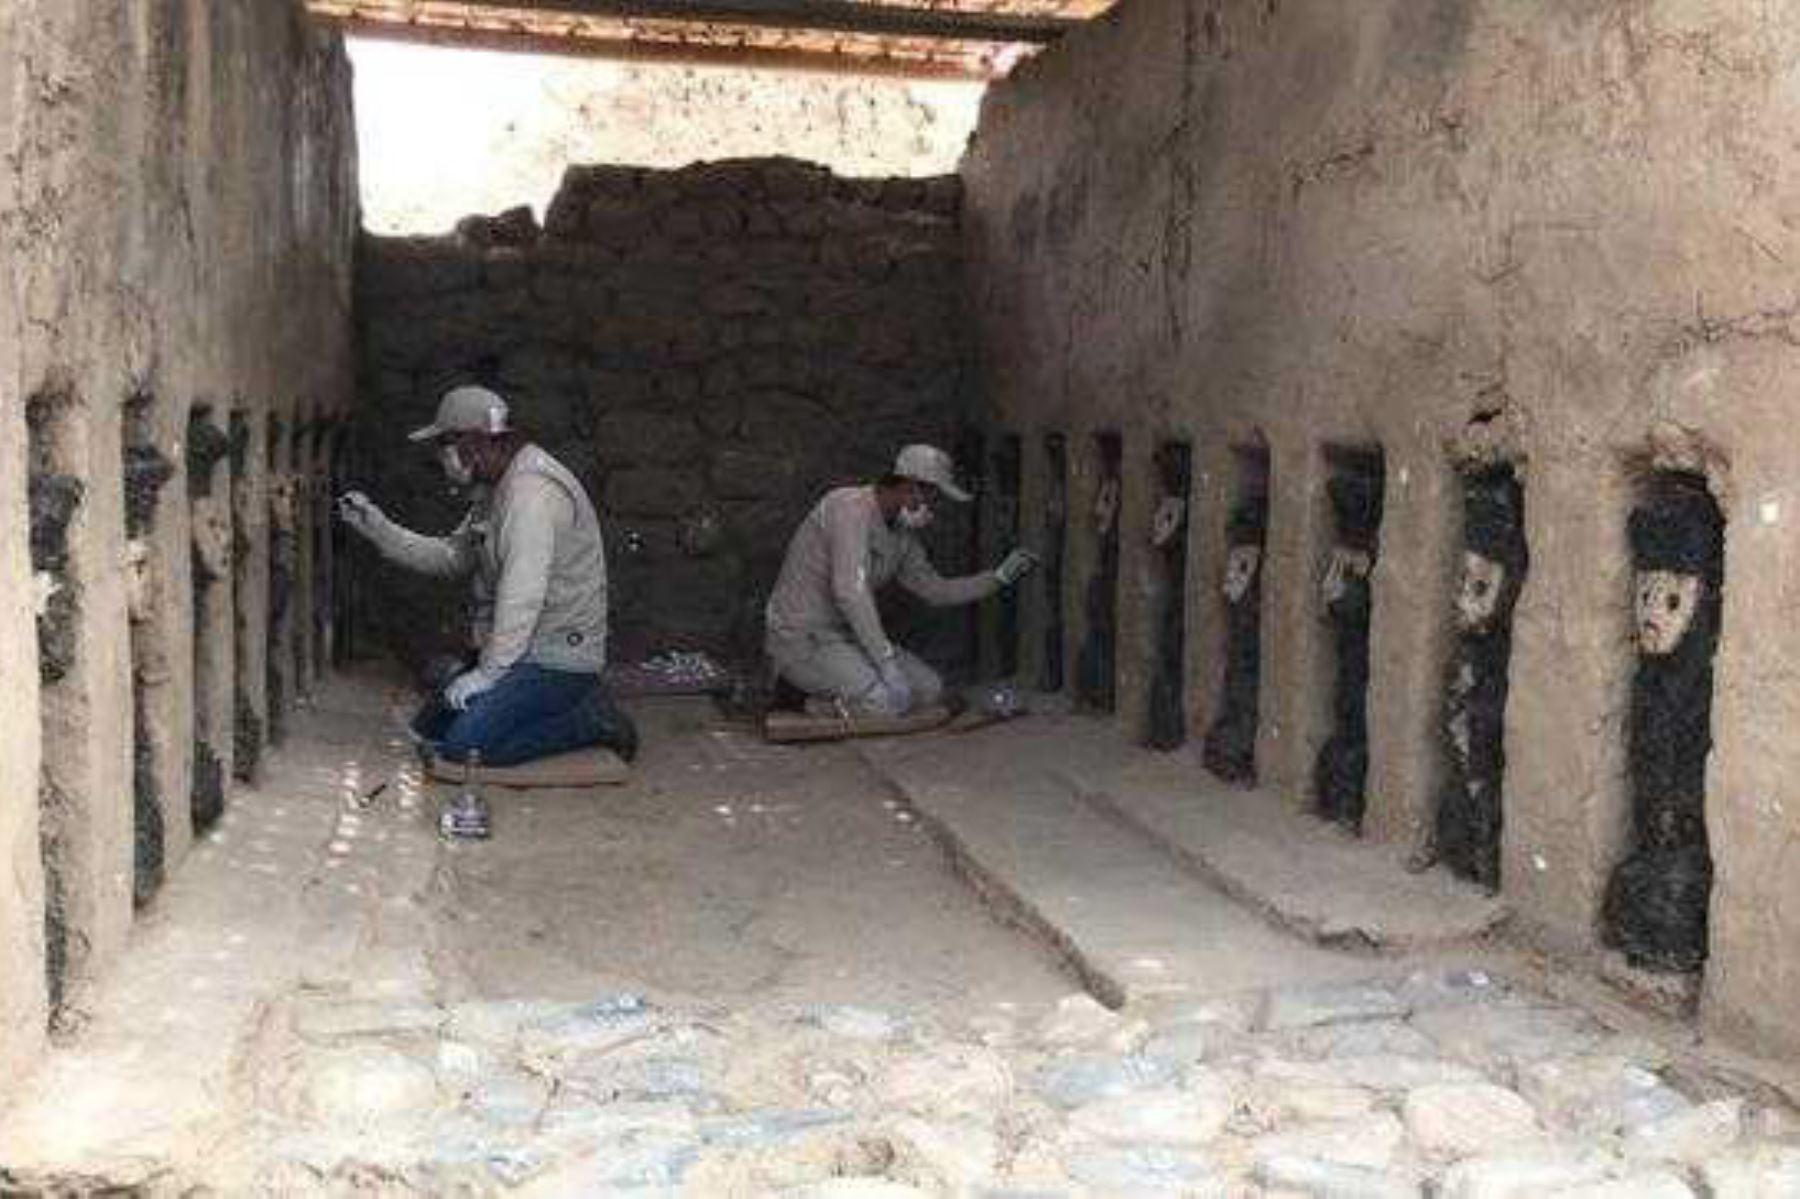 La cultura milenaria de nuestro país cautivó el interés del mundo entero, en virtud a cuatro importantes hallazgos arqueológicos en Lambayeque, Ica, La Libertad y Áncash, informó el Ministerio de Cultura.